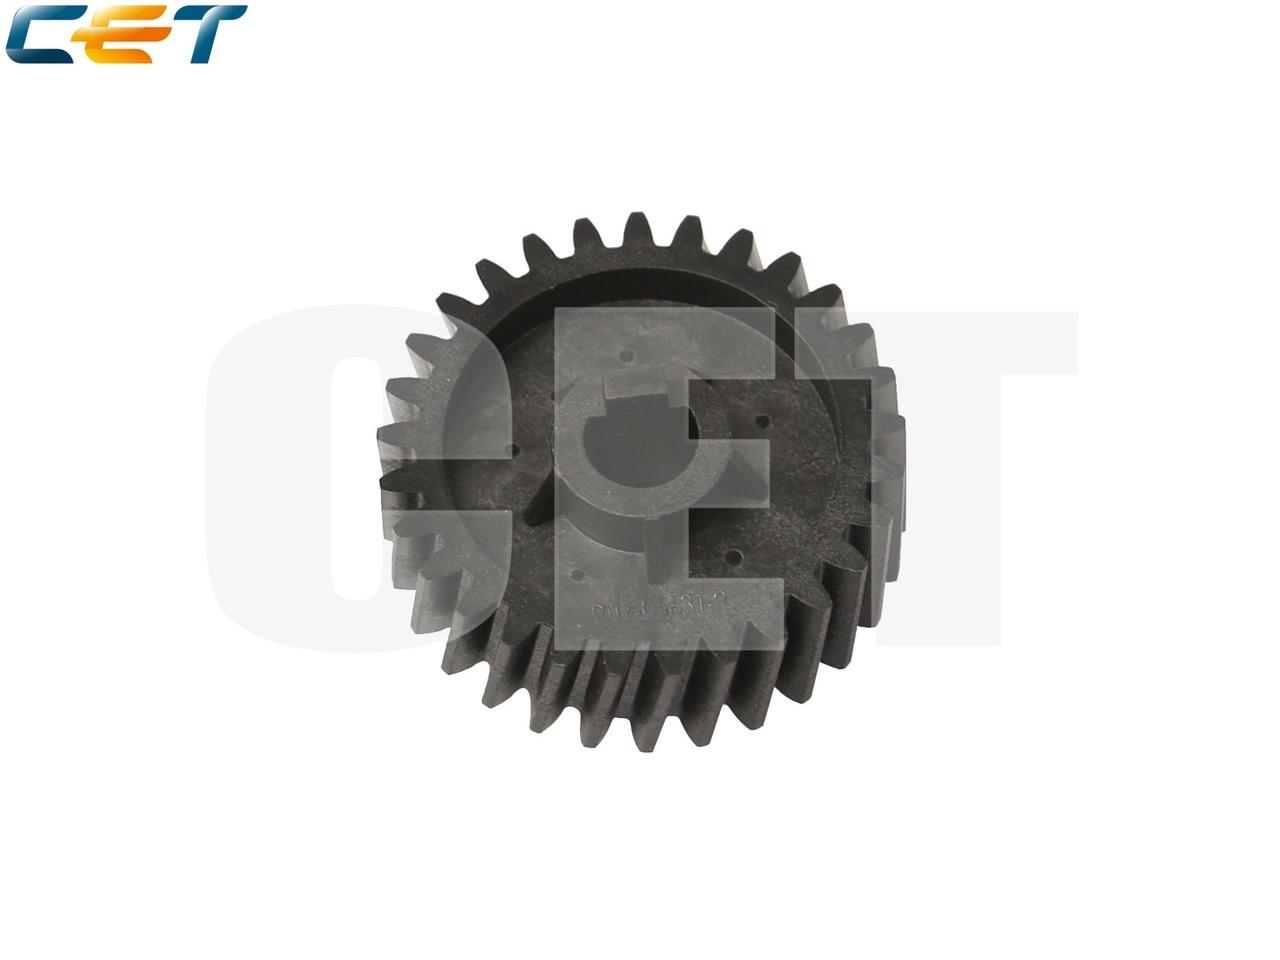 Шестерня привода резинового вала 29T RU7-0563-000 для HPLaserJet Enterprise M806/M830 (CET), CET2773